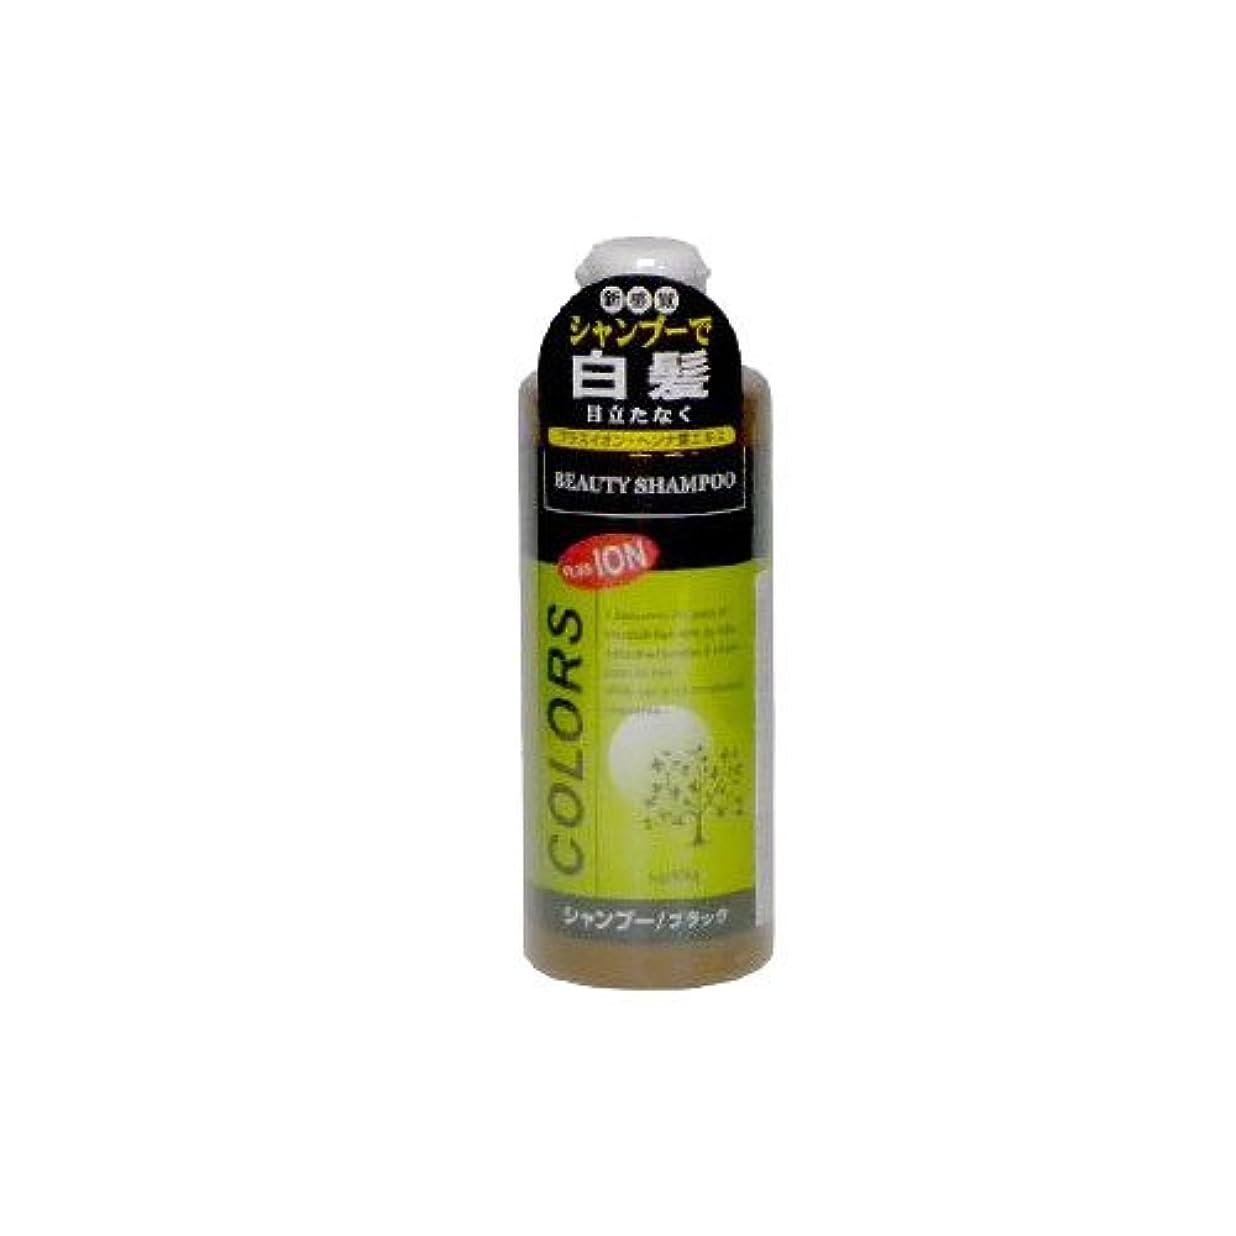 オリエント刃ペンフレンドモデムビューティーシャンプー300ml/ブラック